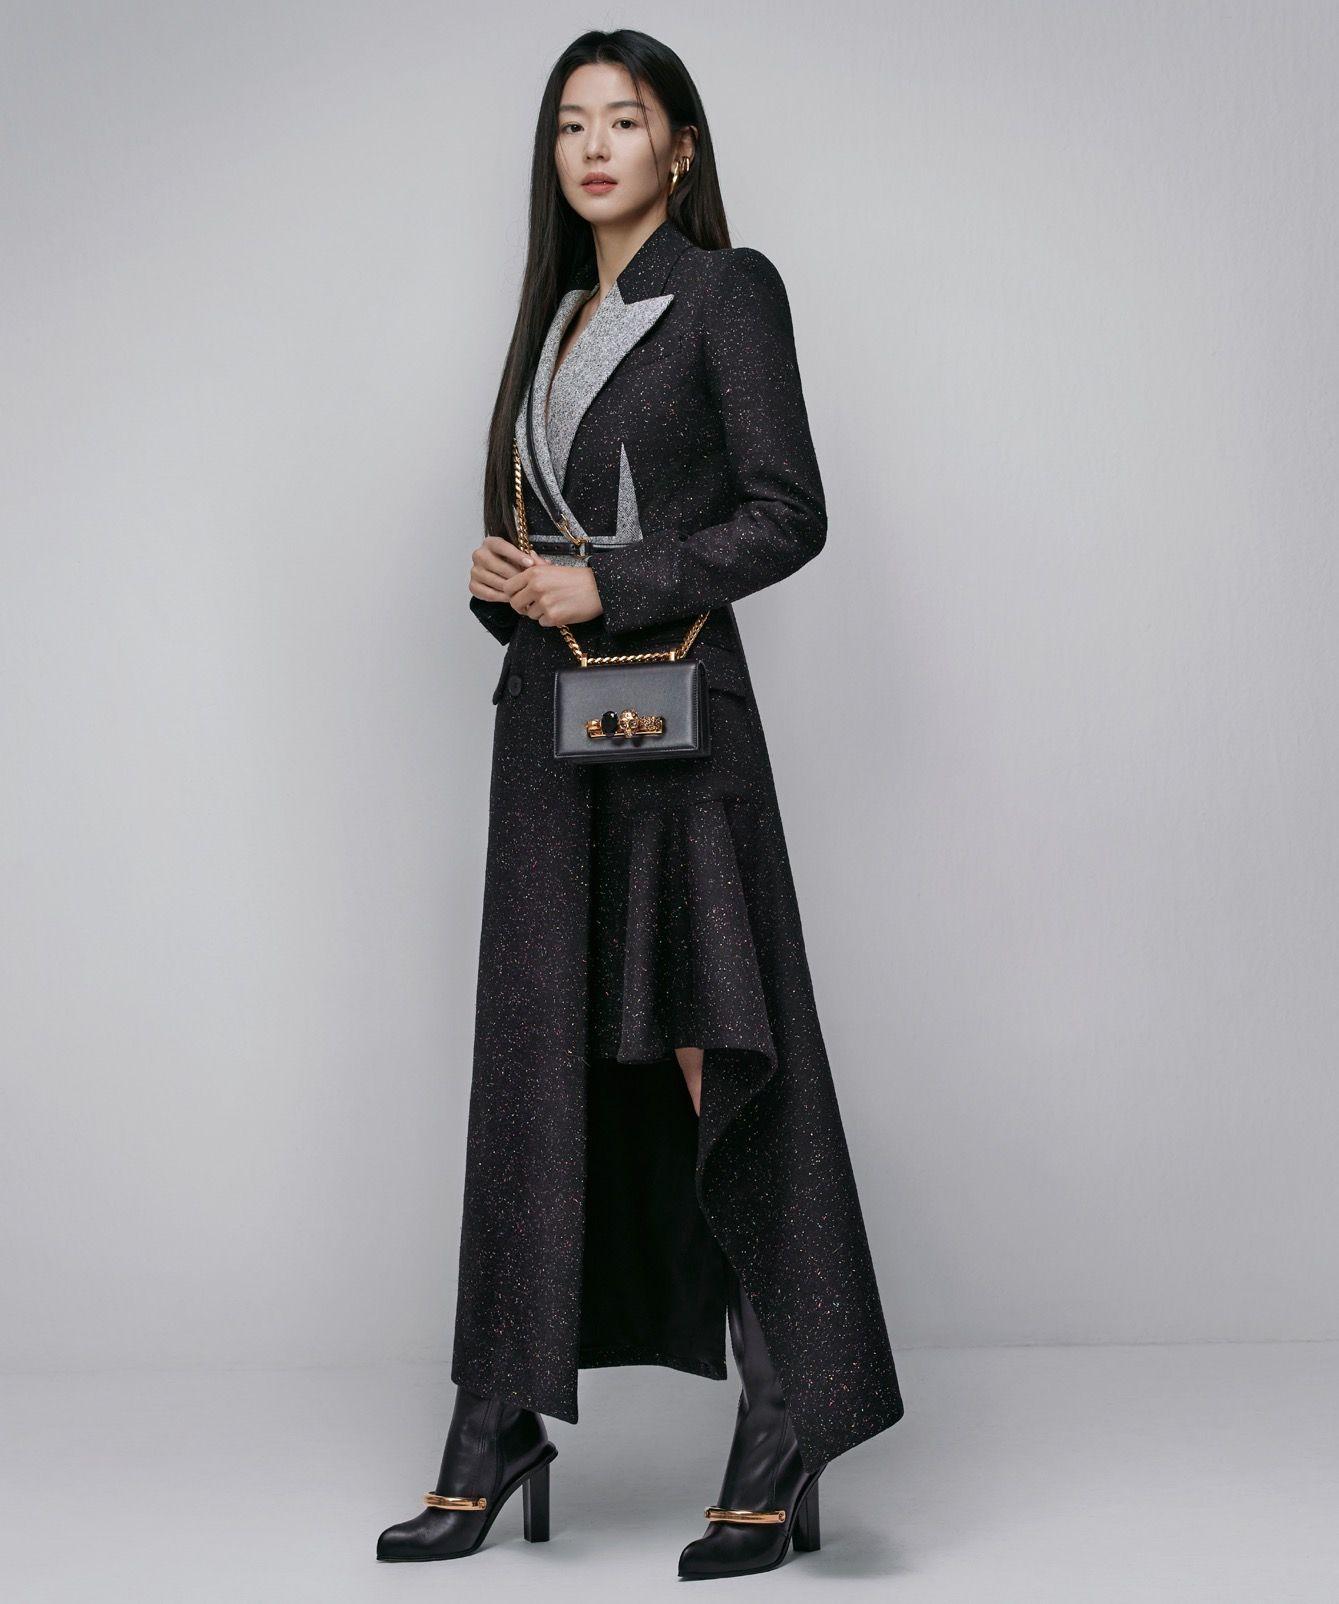 全智贤成亚历山大·麦昆品牌大使图片